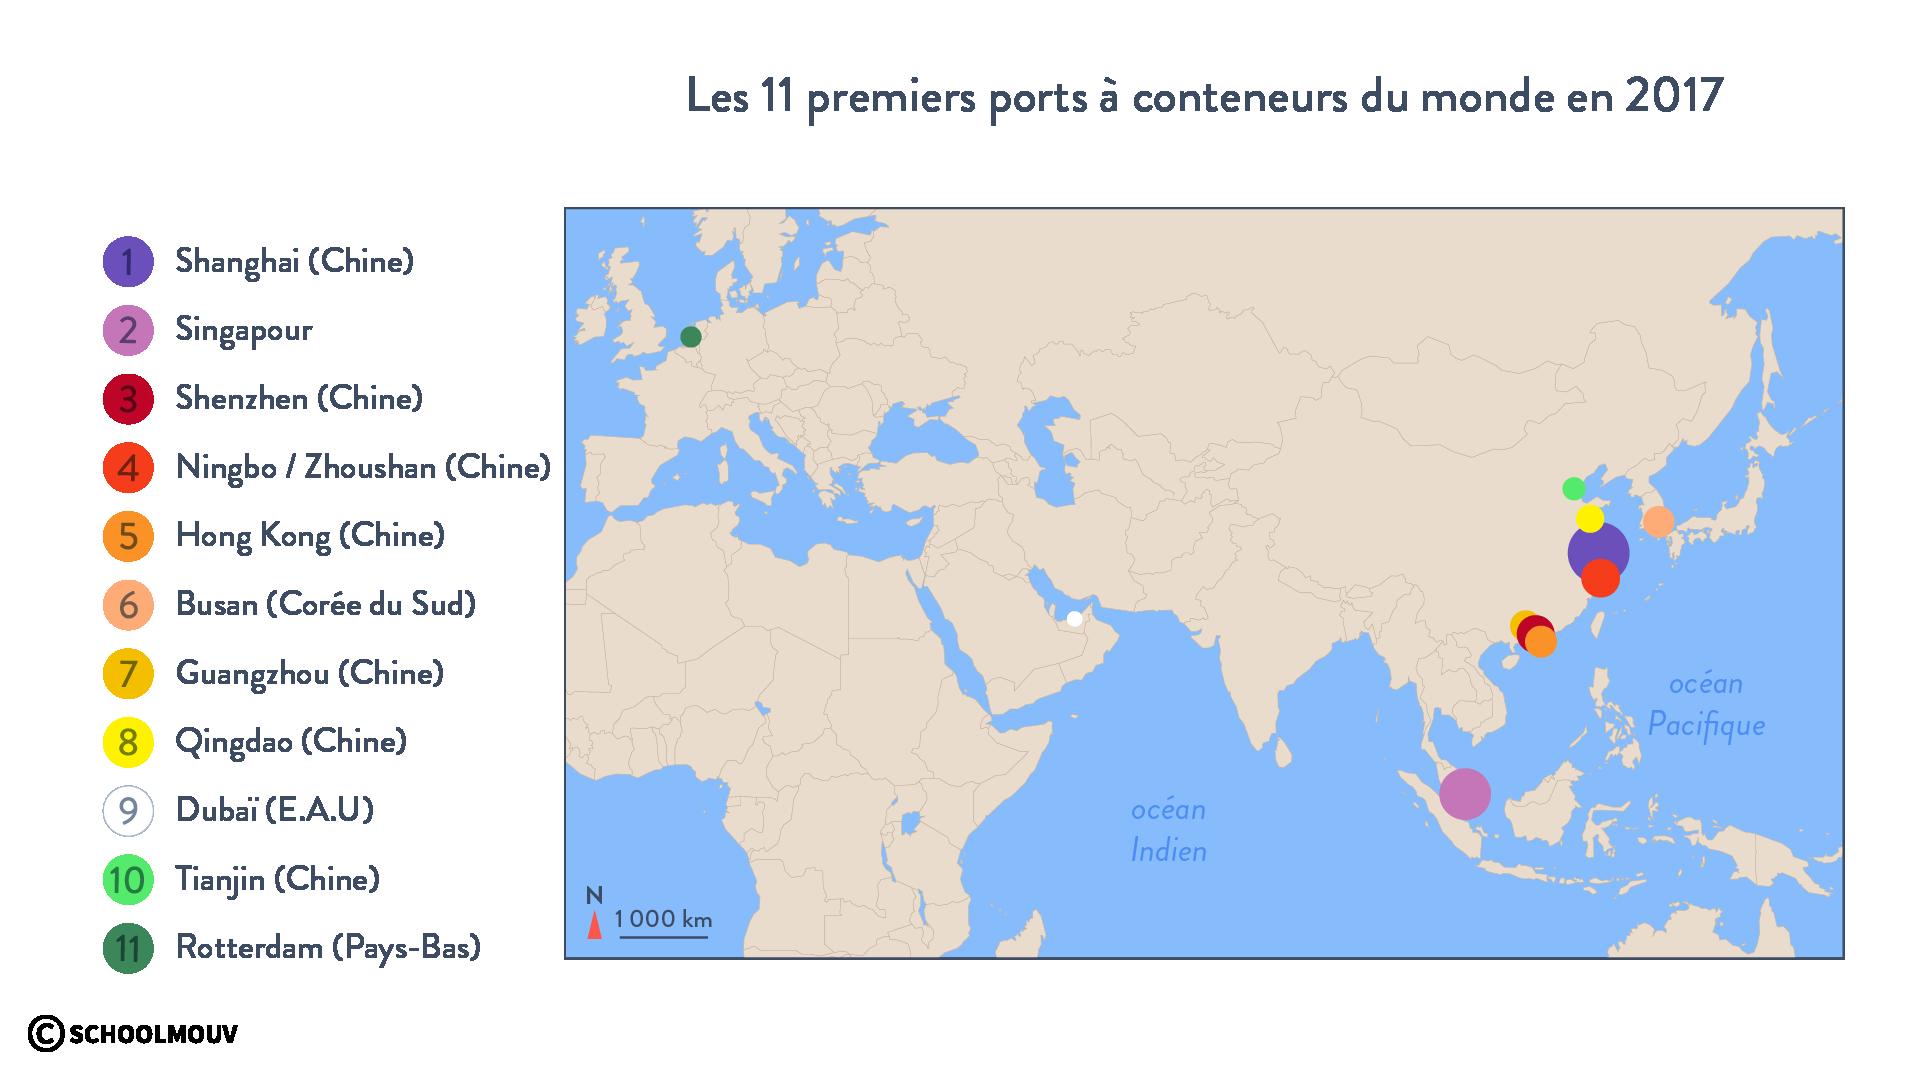 Les 11 premiers ports à conteneurs du monde en 2017 - géographie - terminale - SchoolMouv